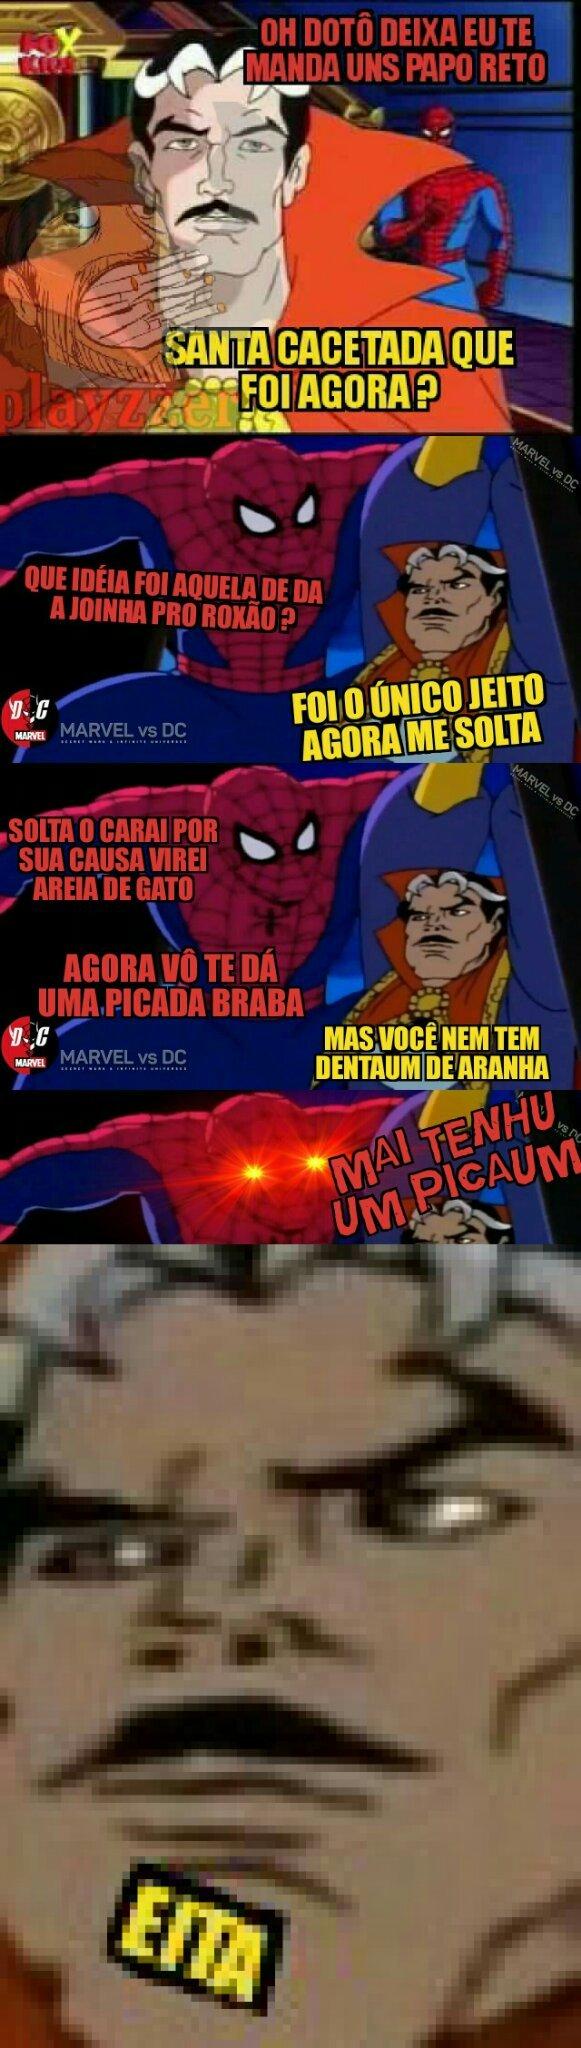 Título com suvaco raspado (Peguei a segunda imagem de fundo do Marvel vs DC mas o meme em si e original)